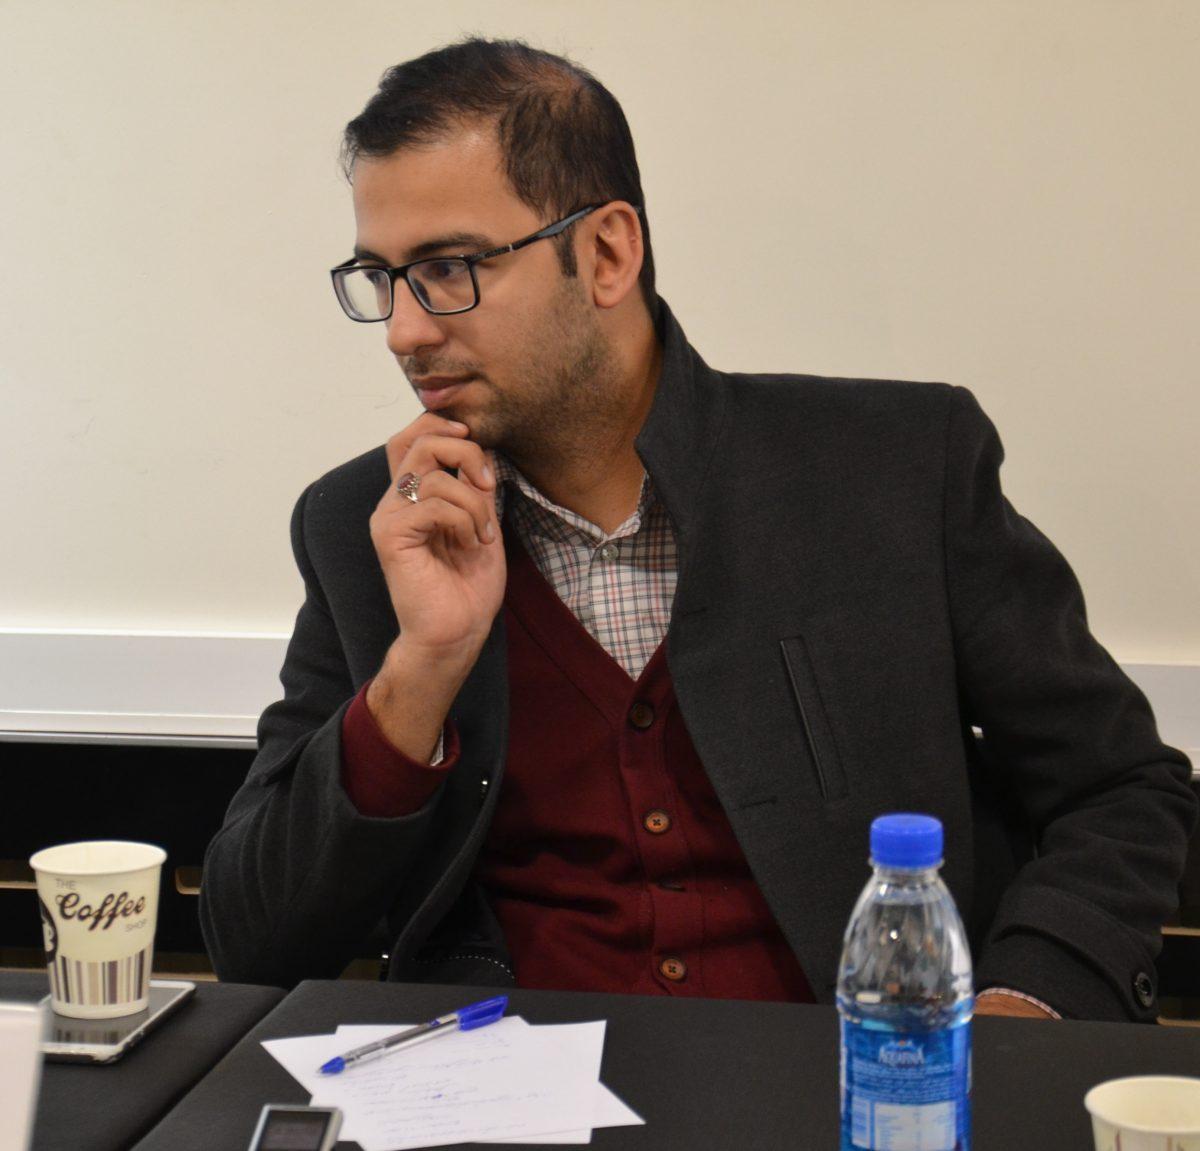 مصاحبه با محمدصالح شکوهی بیدهندی دربارۀ نهاد طرح جامع تهران